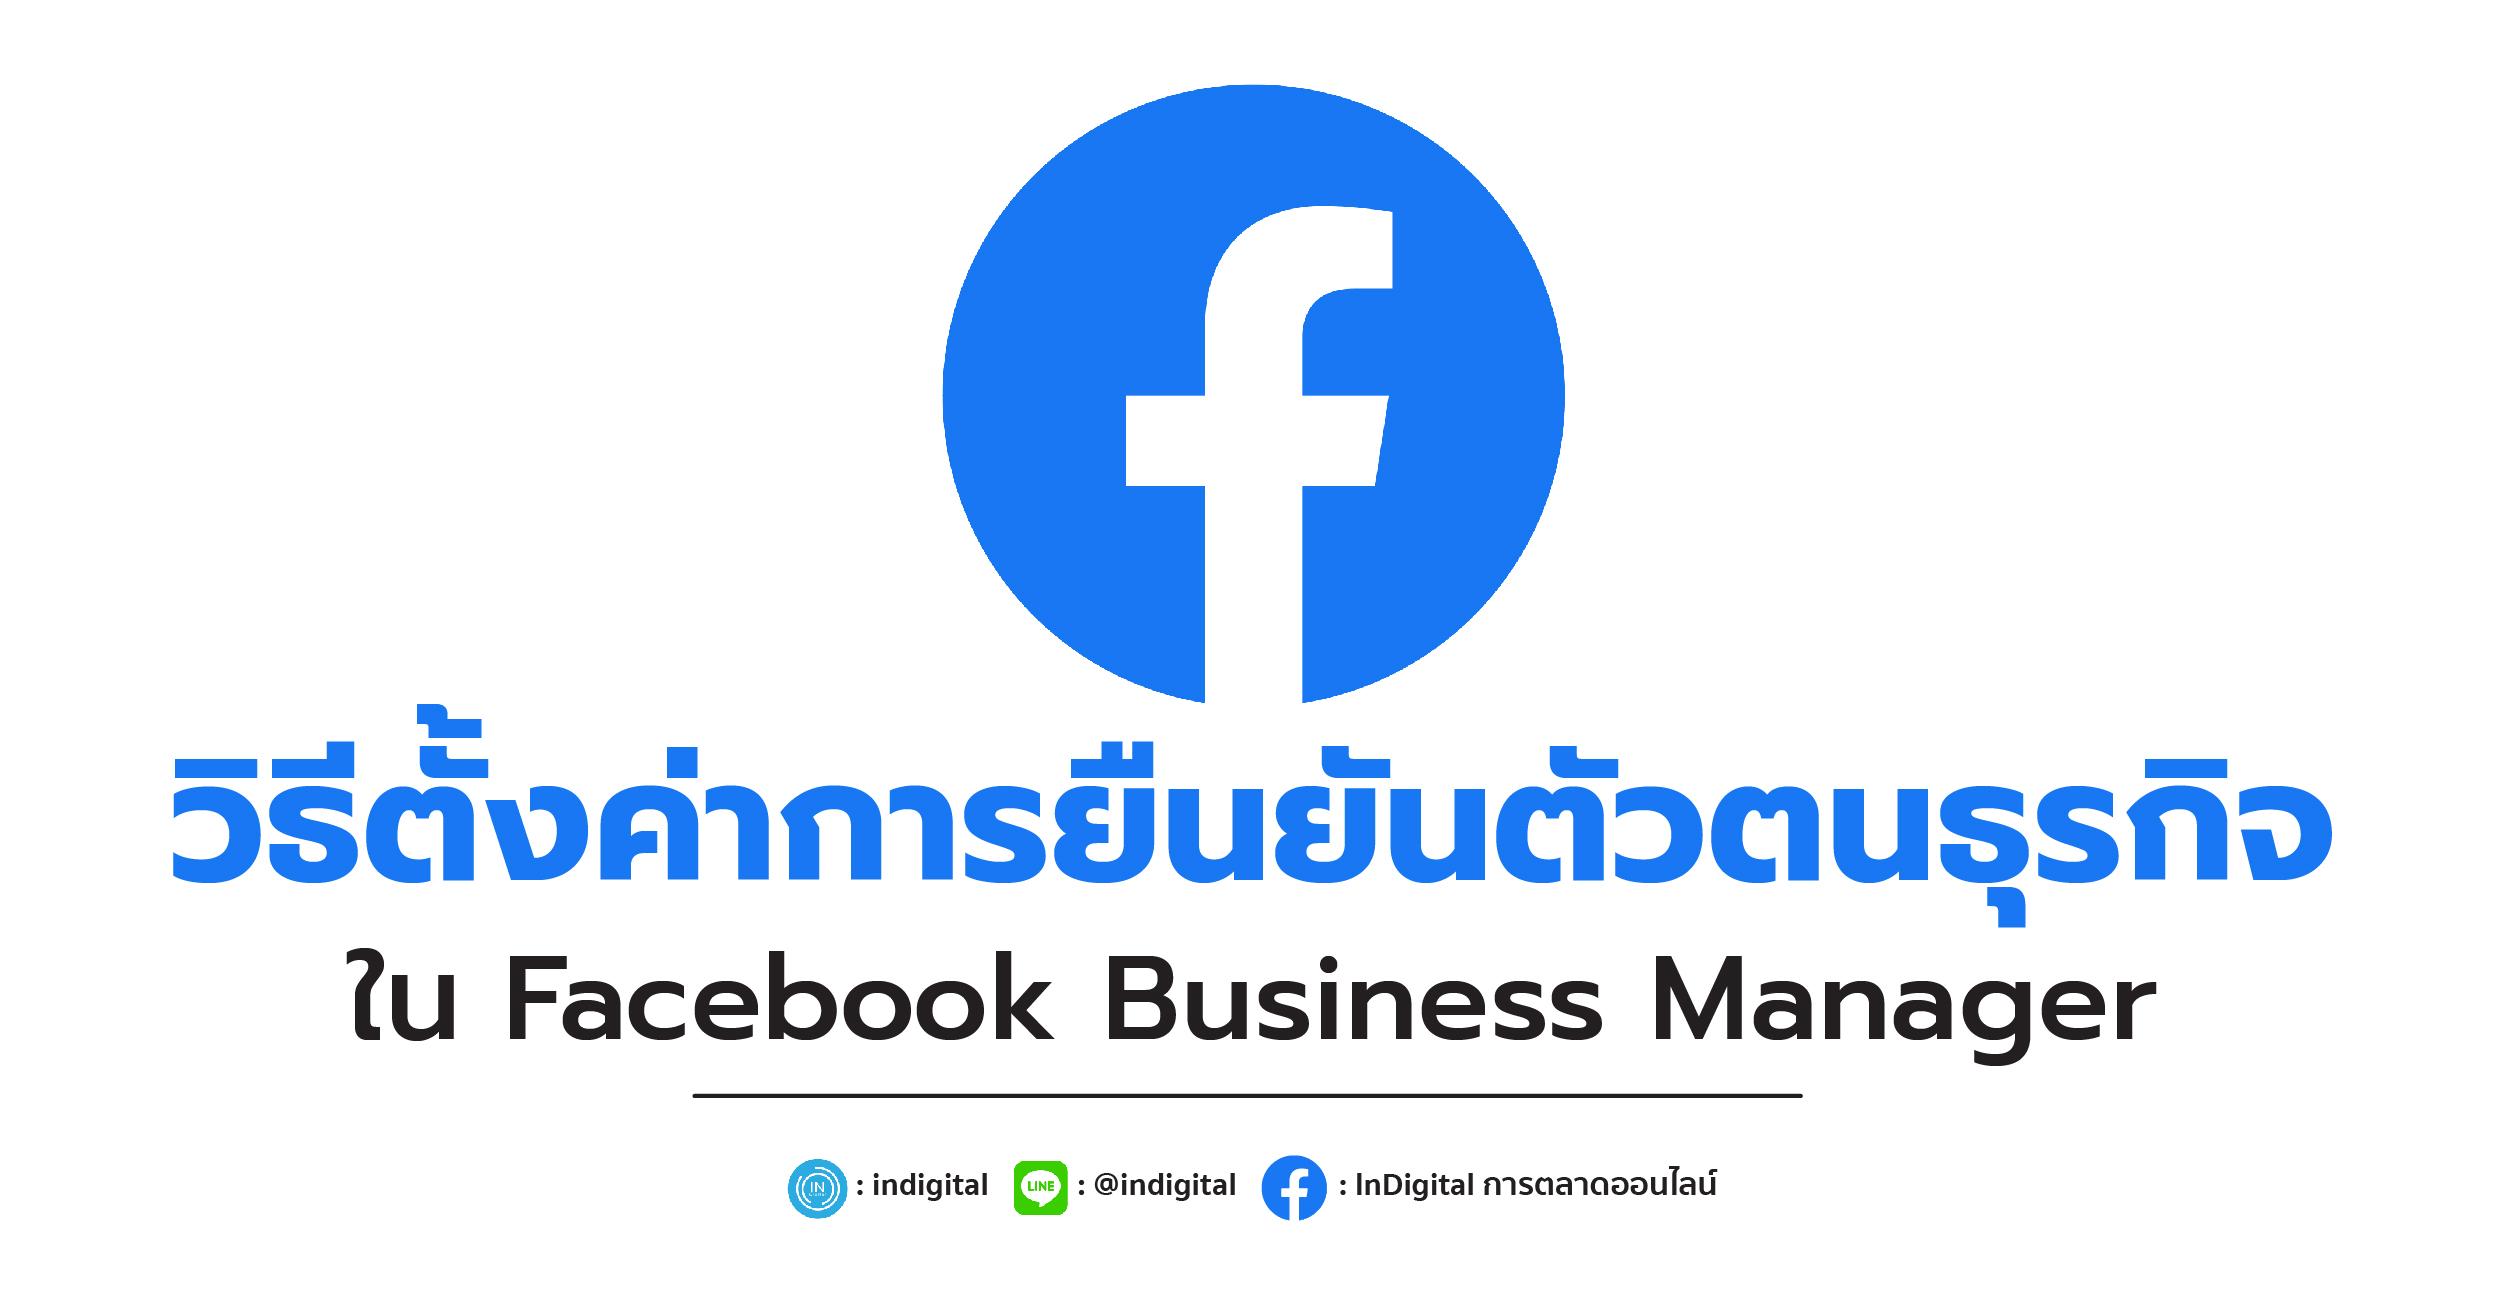 วิธีตั้งค่าการยืนยันตัวตนธุรกิจใน Facebook Business Manager